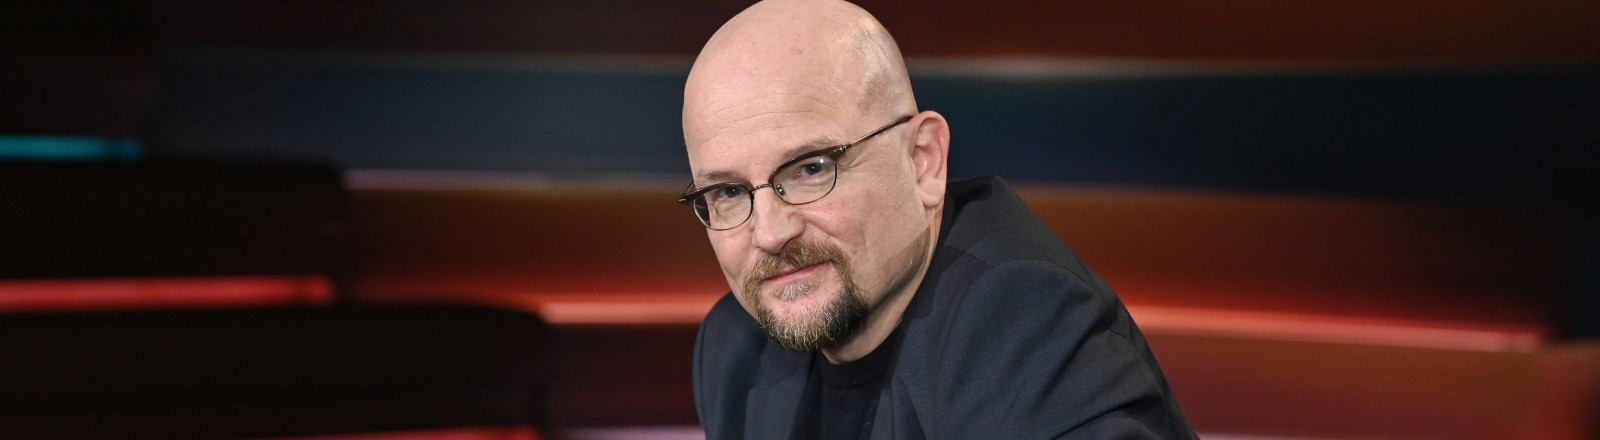 Der Epidemiologe Dirk Brockmann bei einer Sendung von Markus Lanz